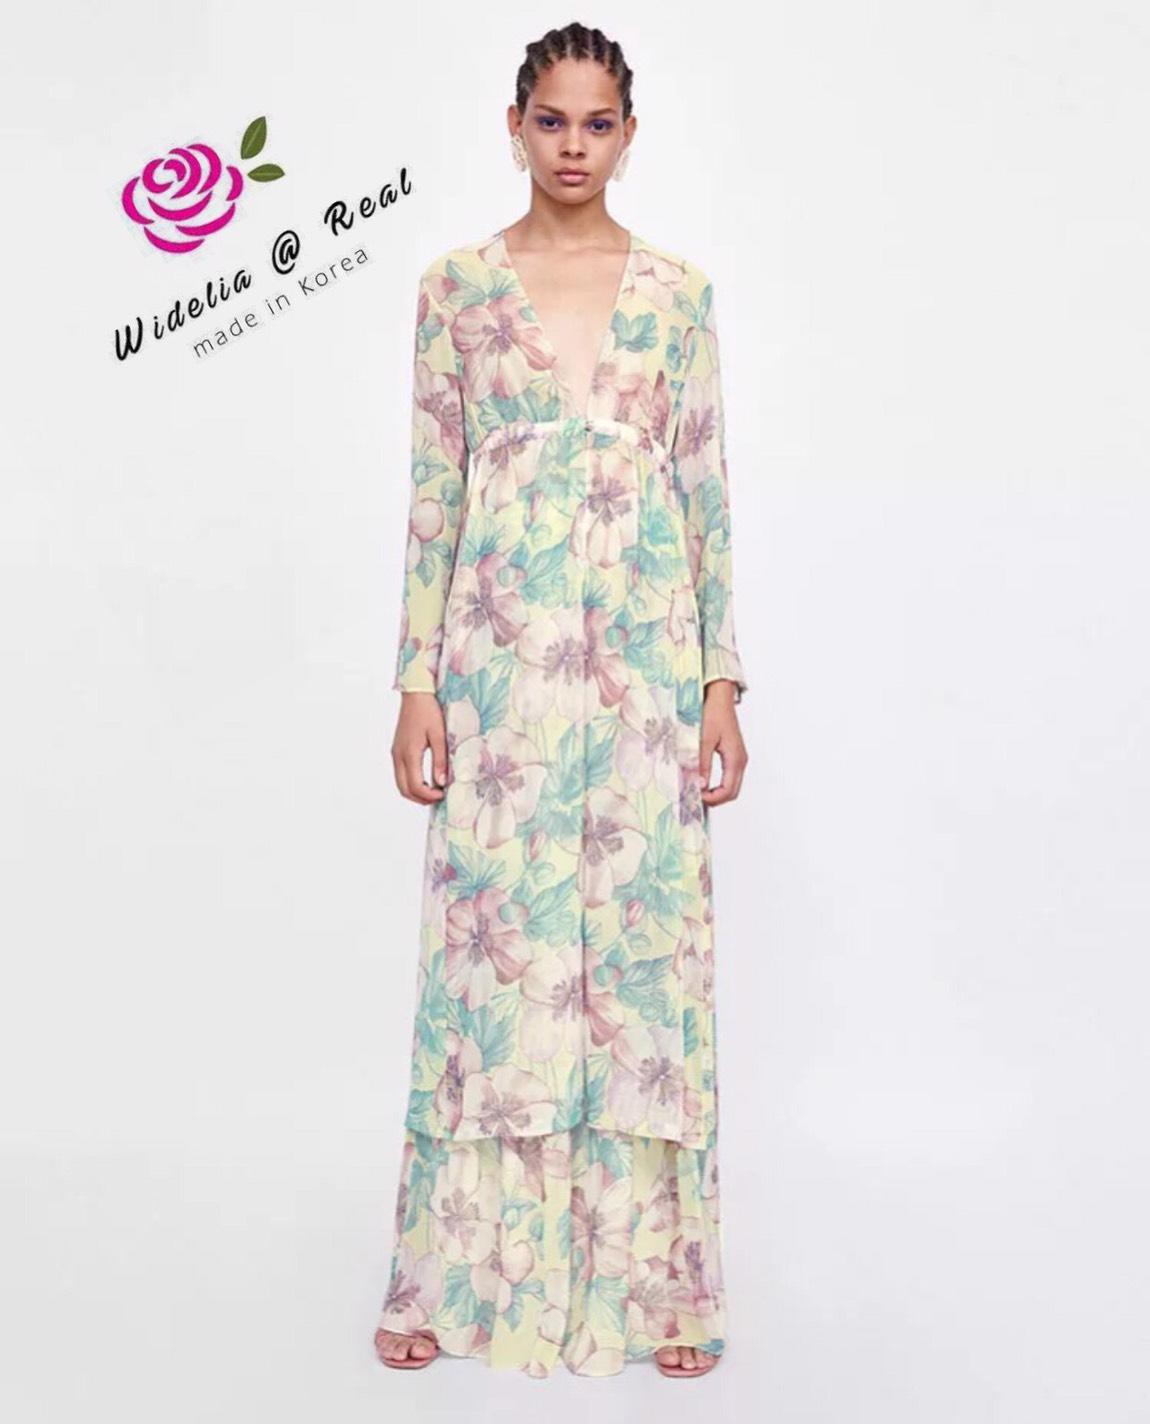 เสื้อคลุมลายดอกไม้โทนสี สวยน่ารัก